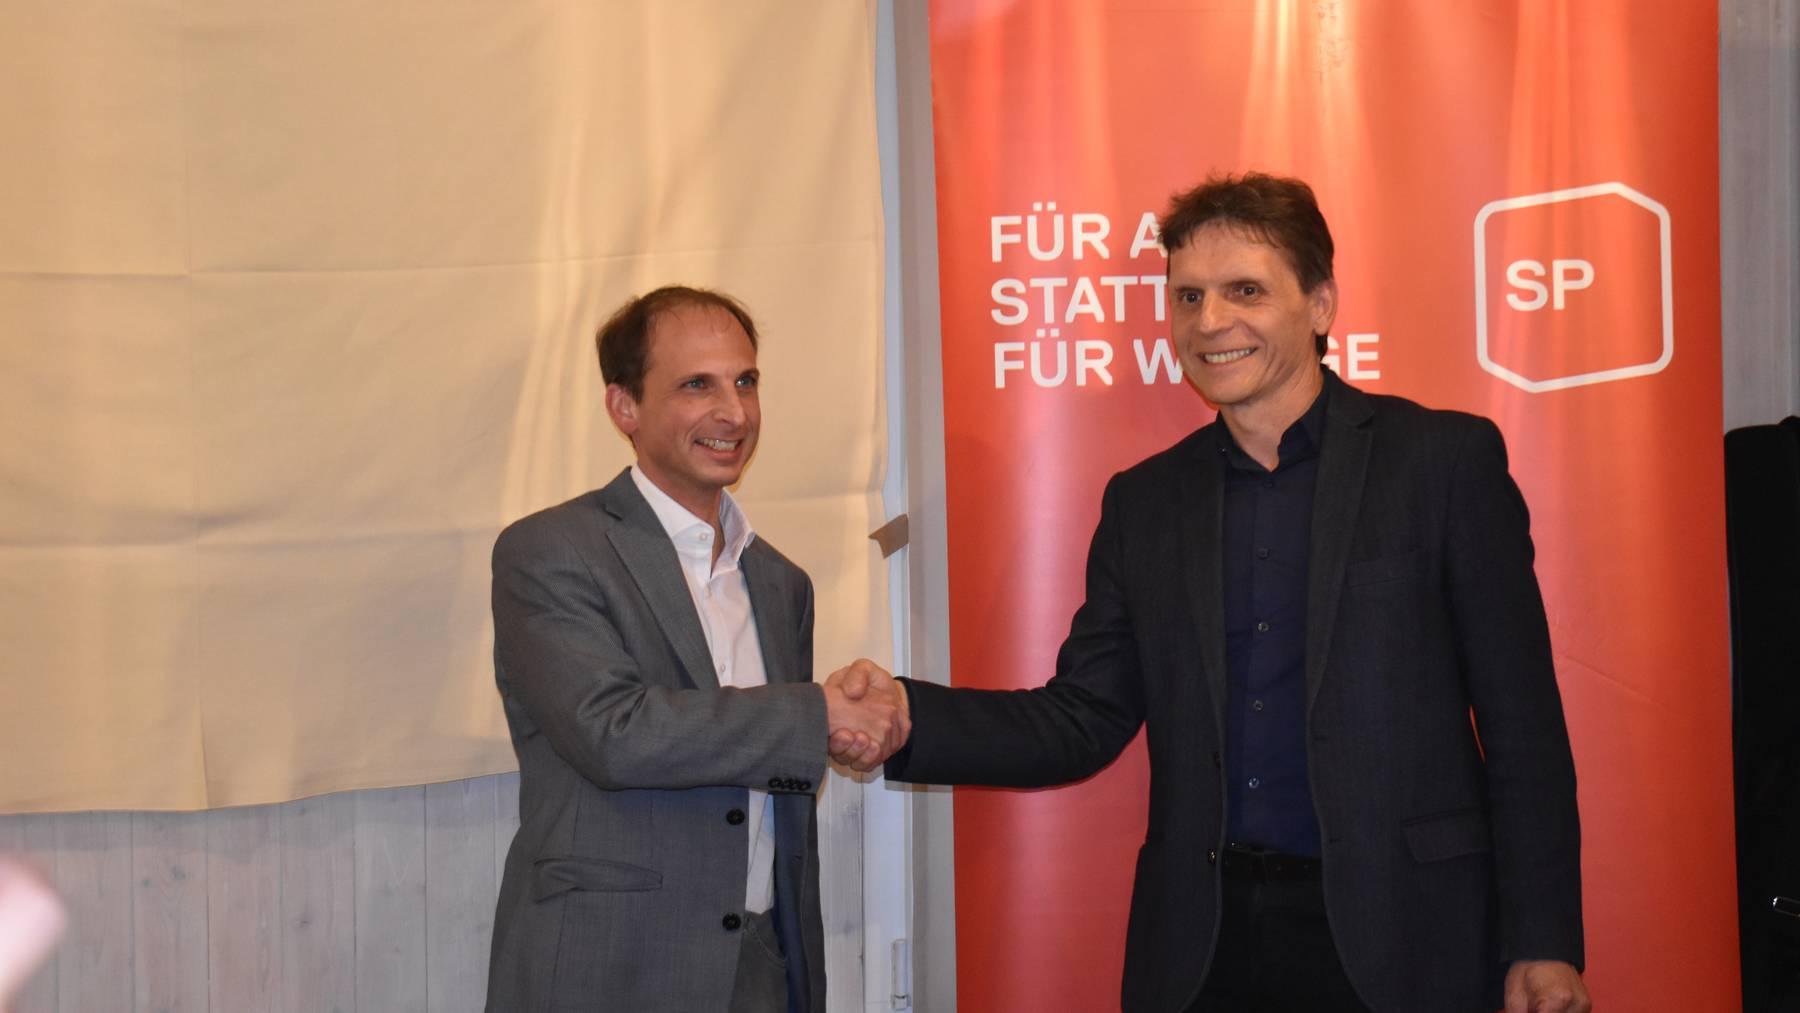 Michael Fuchs soll für SP Schwyz in Ständerat